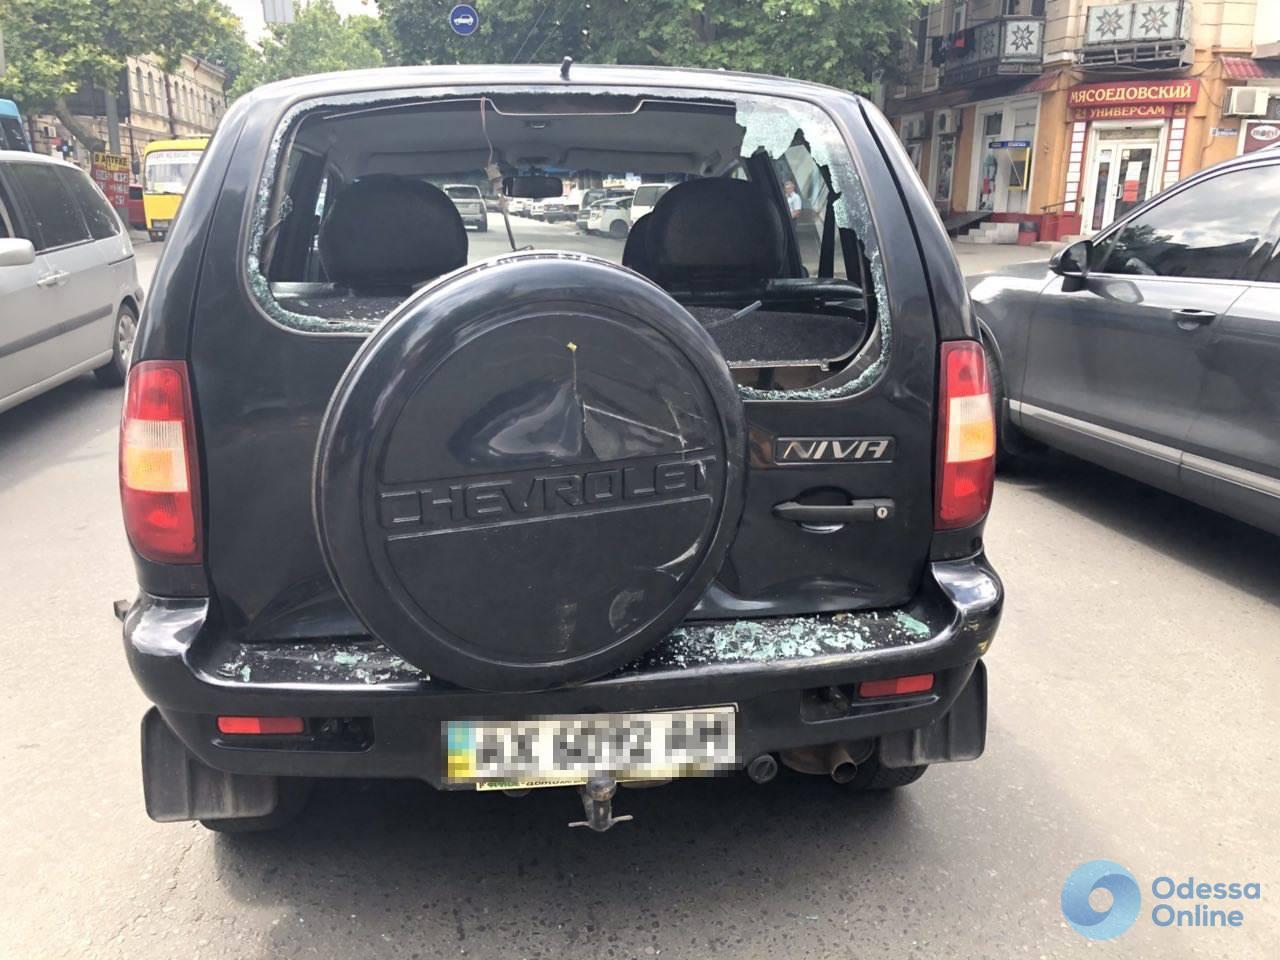 В Одессе столкнулись внедорожник и маршрутка: пострадала женщина